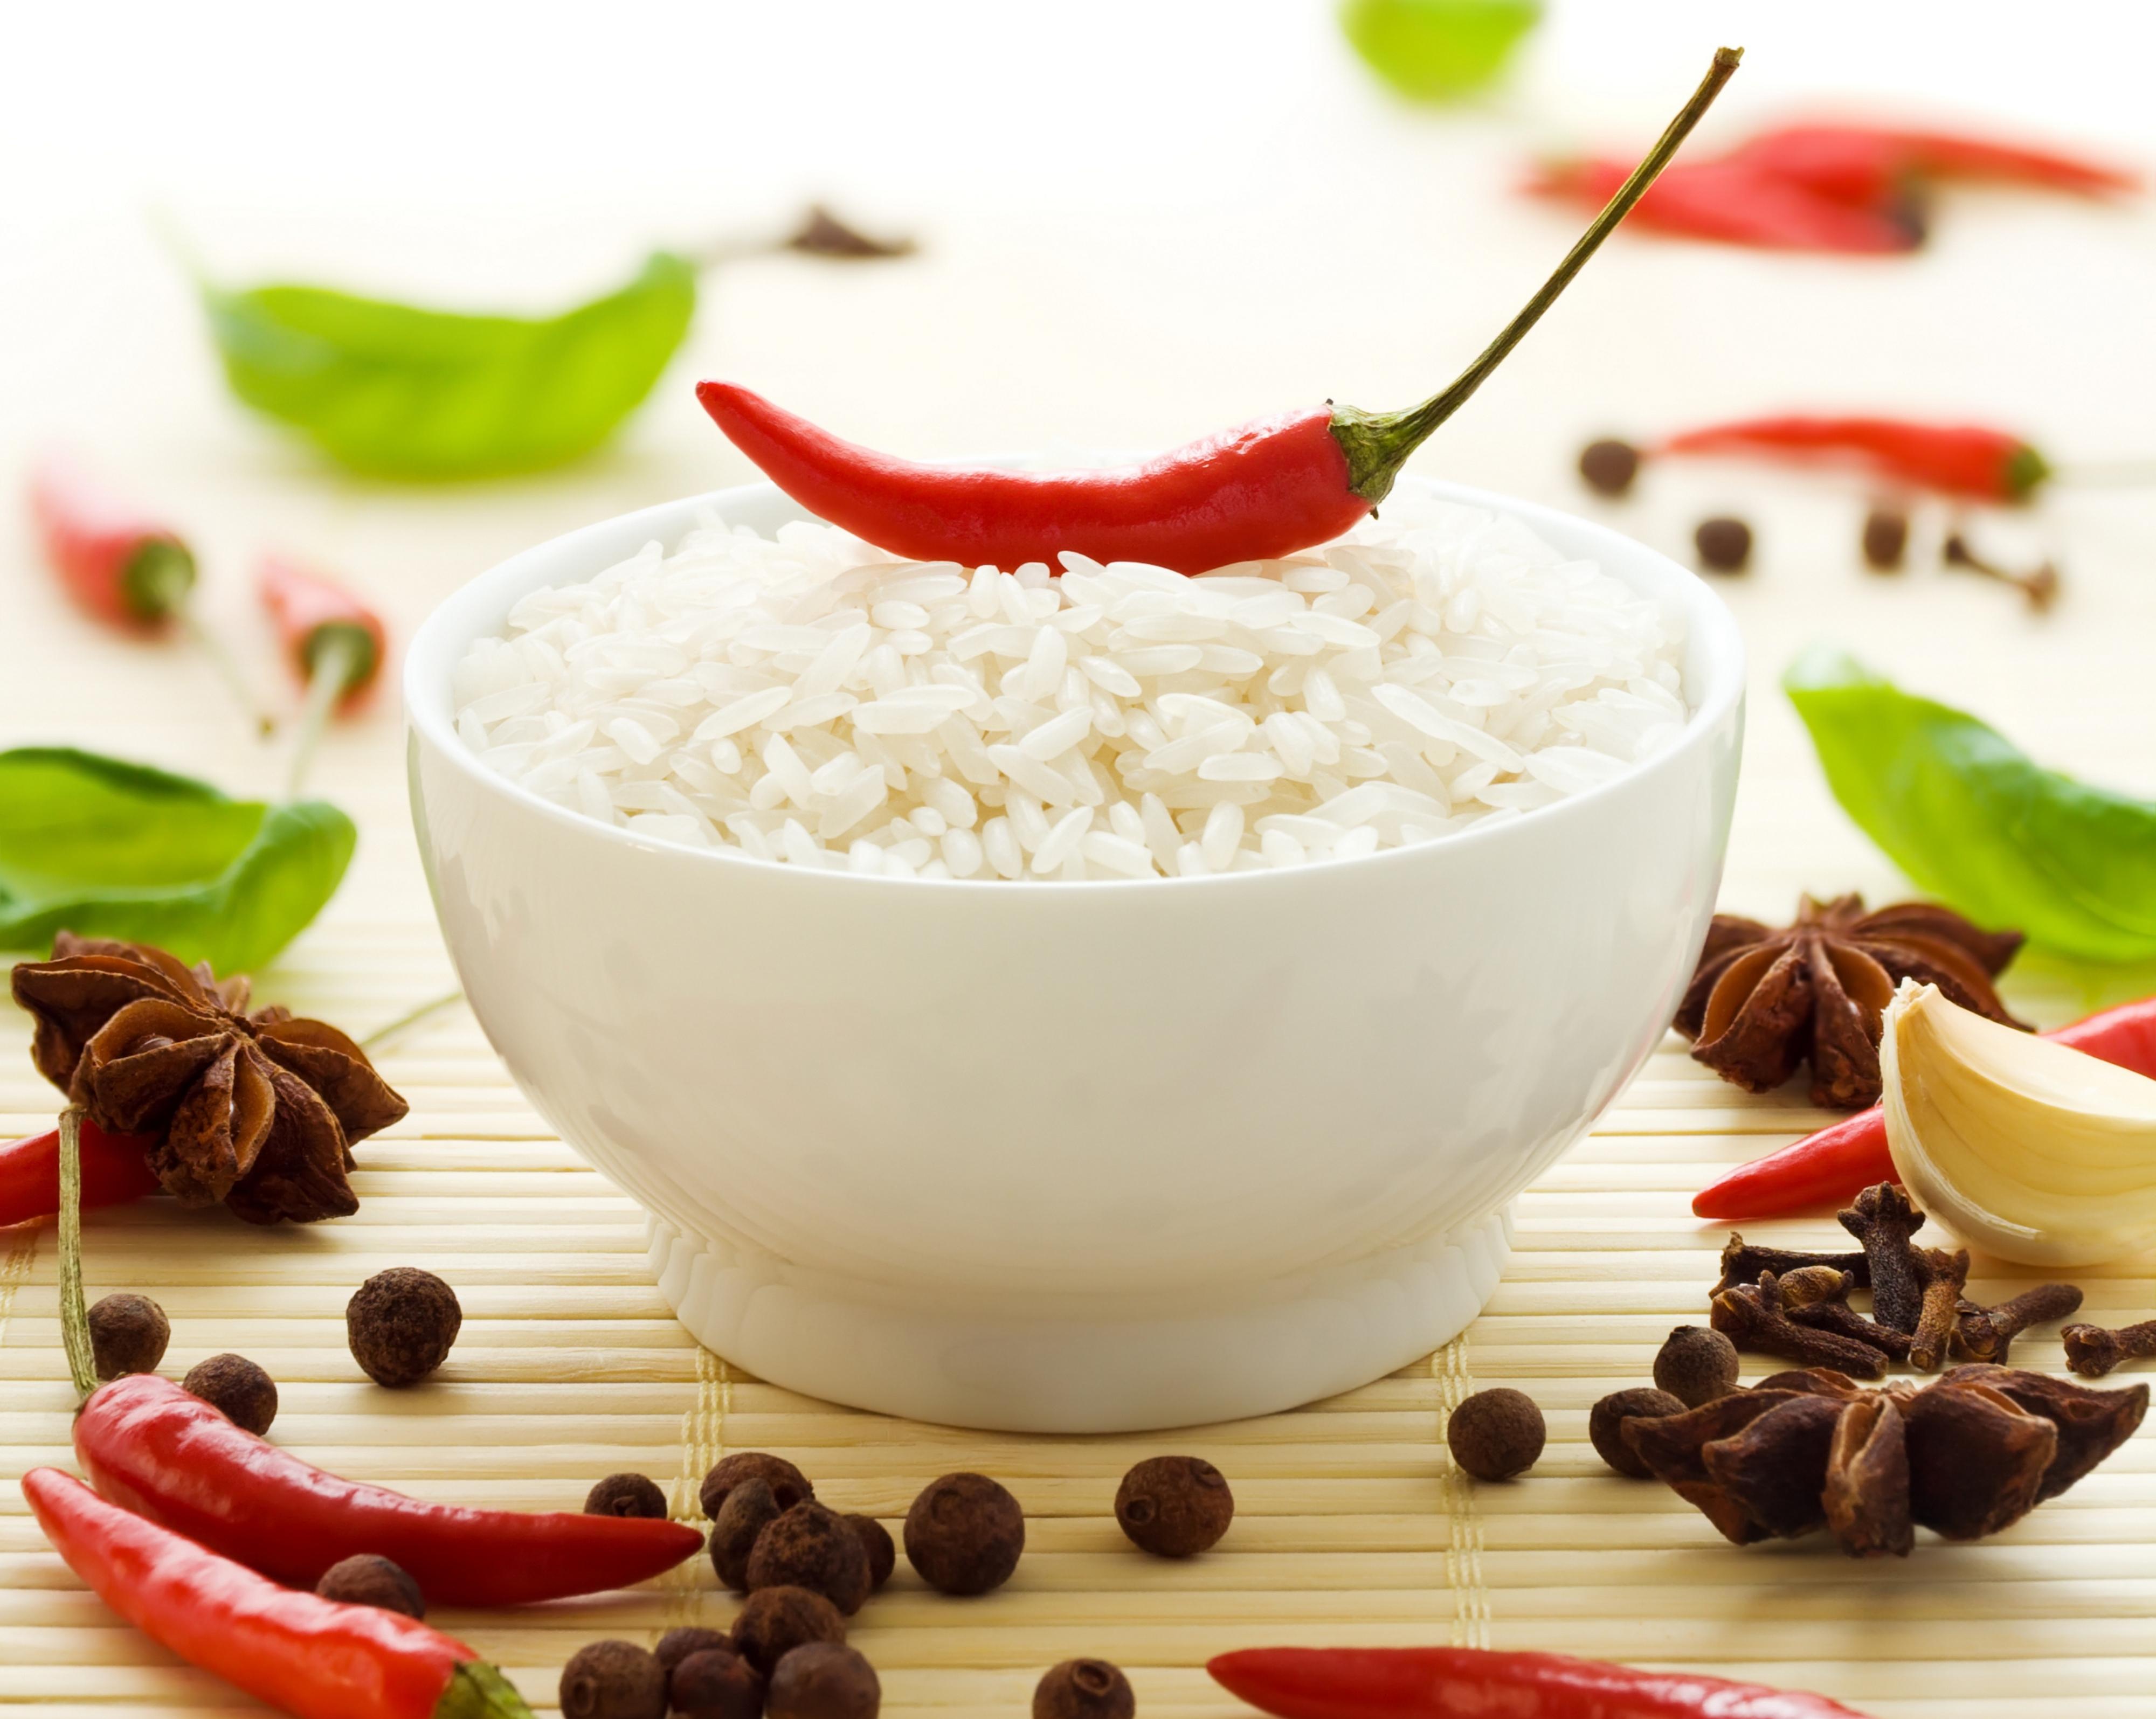 Рисовая диета для похудения и очищения организма на 3, 7